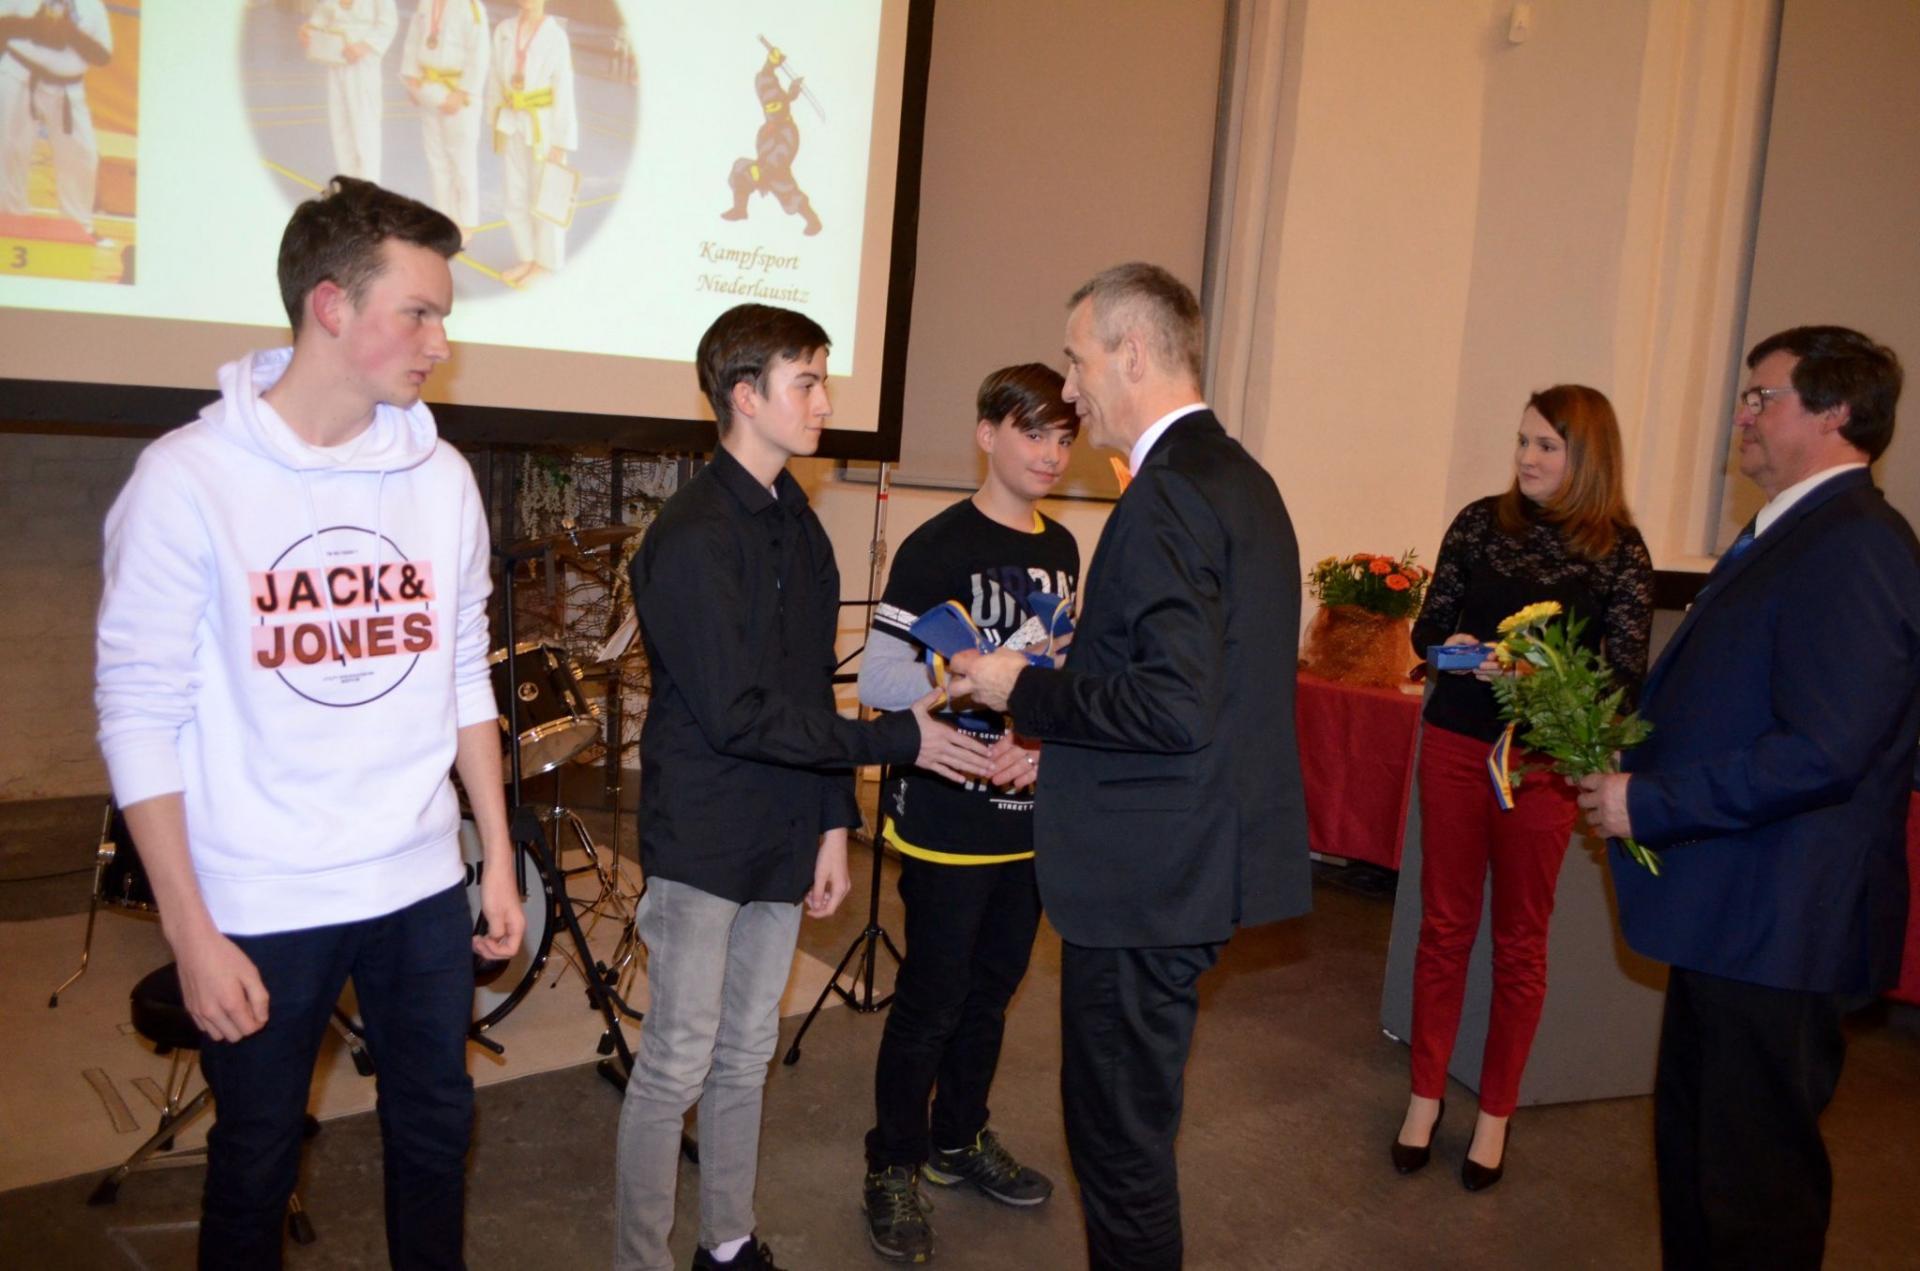 Luckaus Bürgermeister Gerald Lehmann (parteilos/Mitte) ehrt seit Jahren verdienstvolle Sportler und Funktionäre in der Berstestadt. Foto: Andreas Staindl